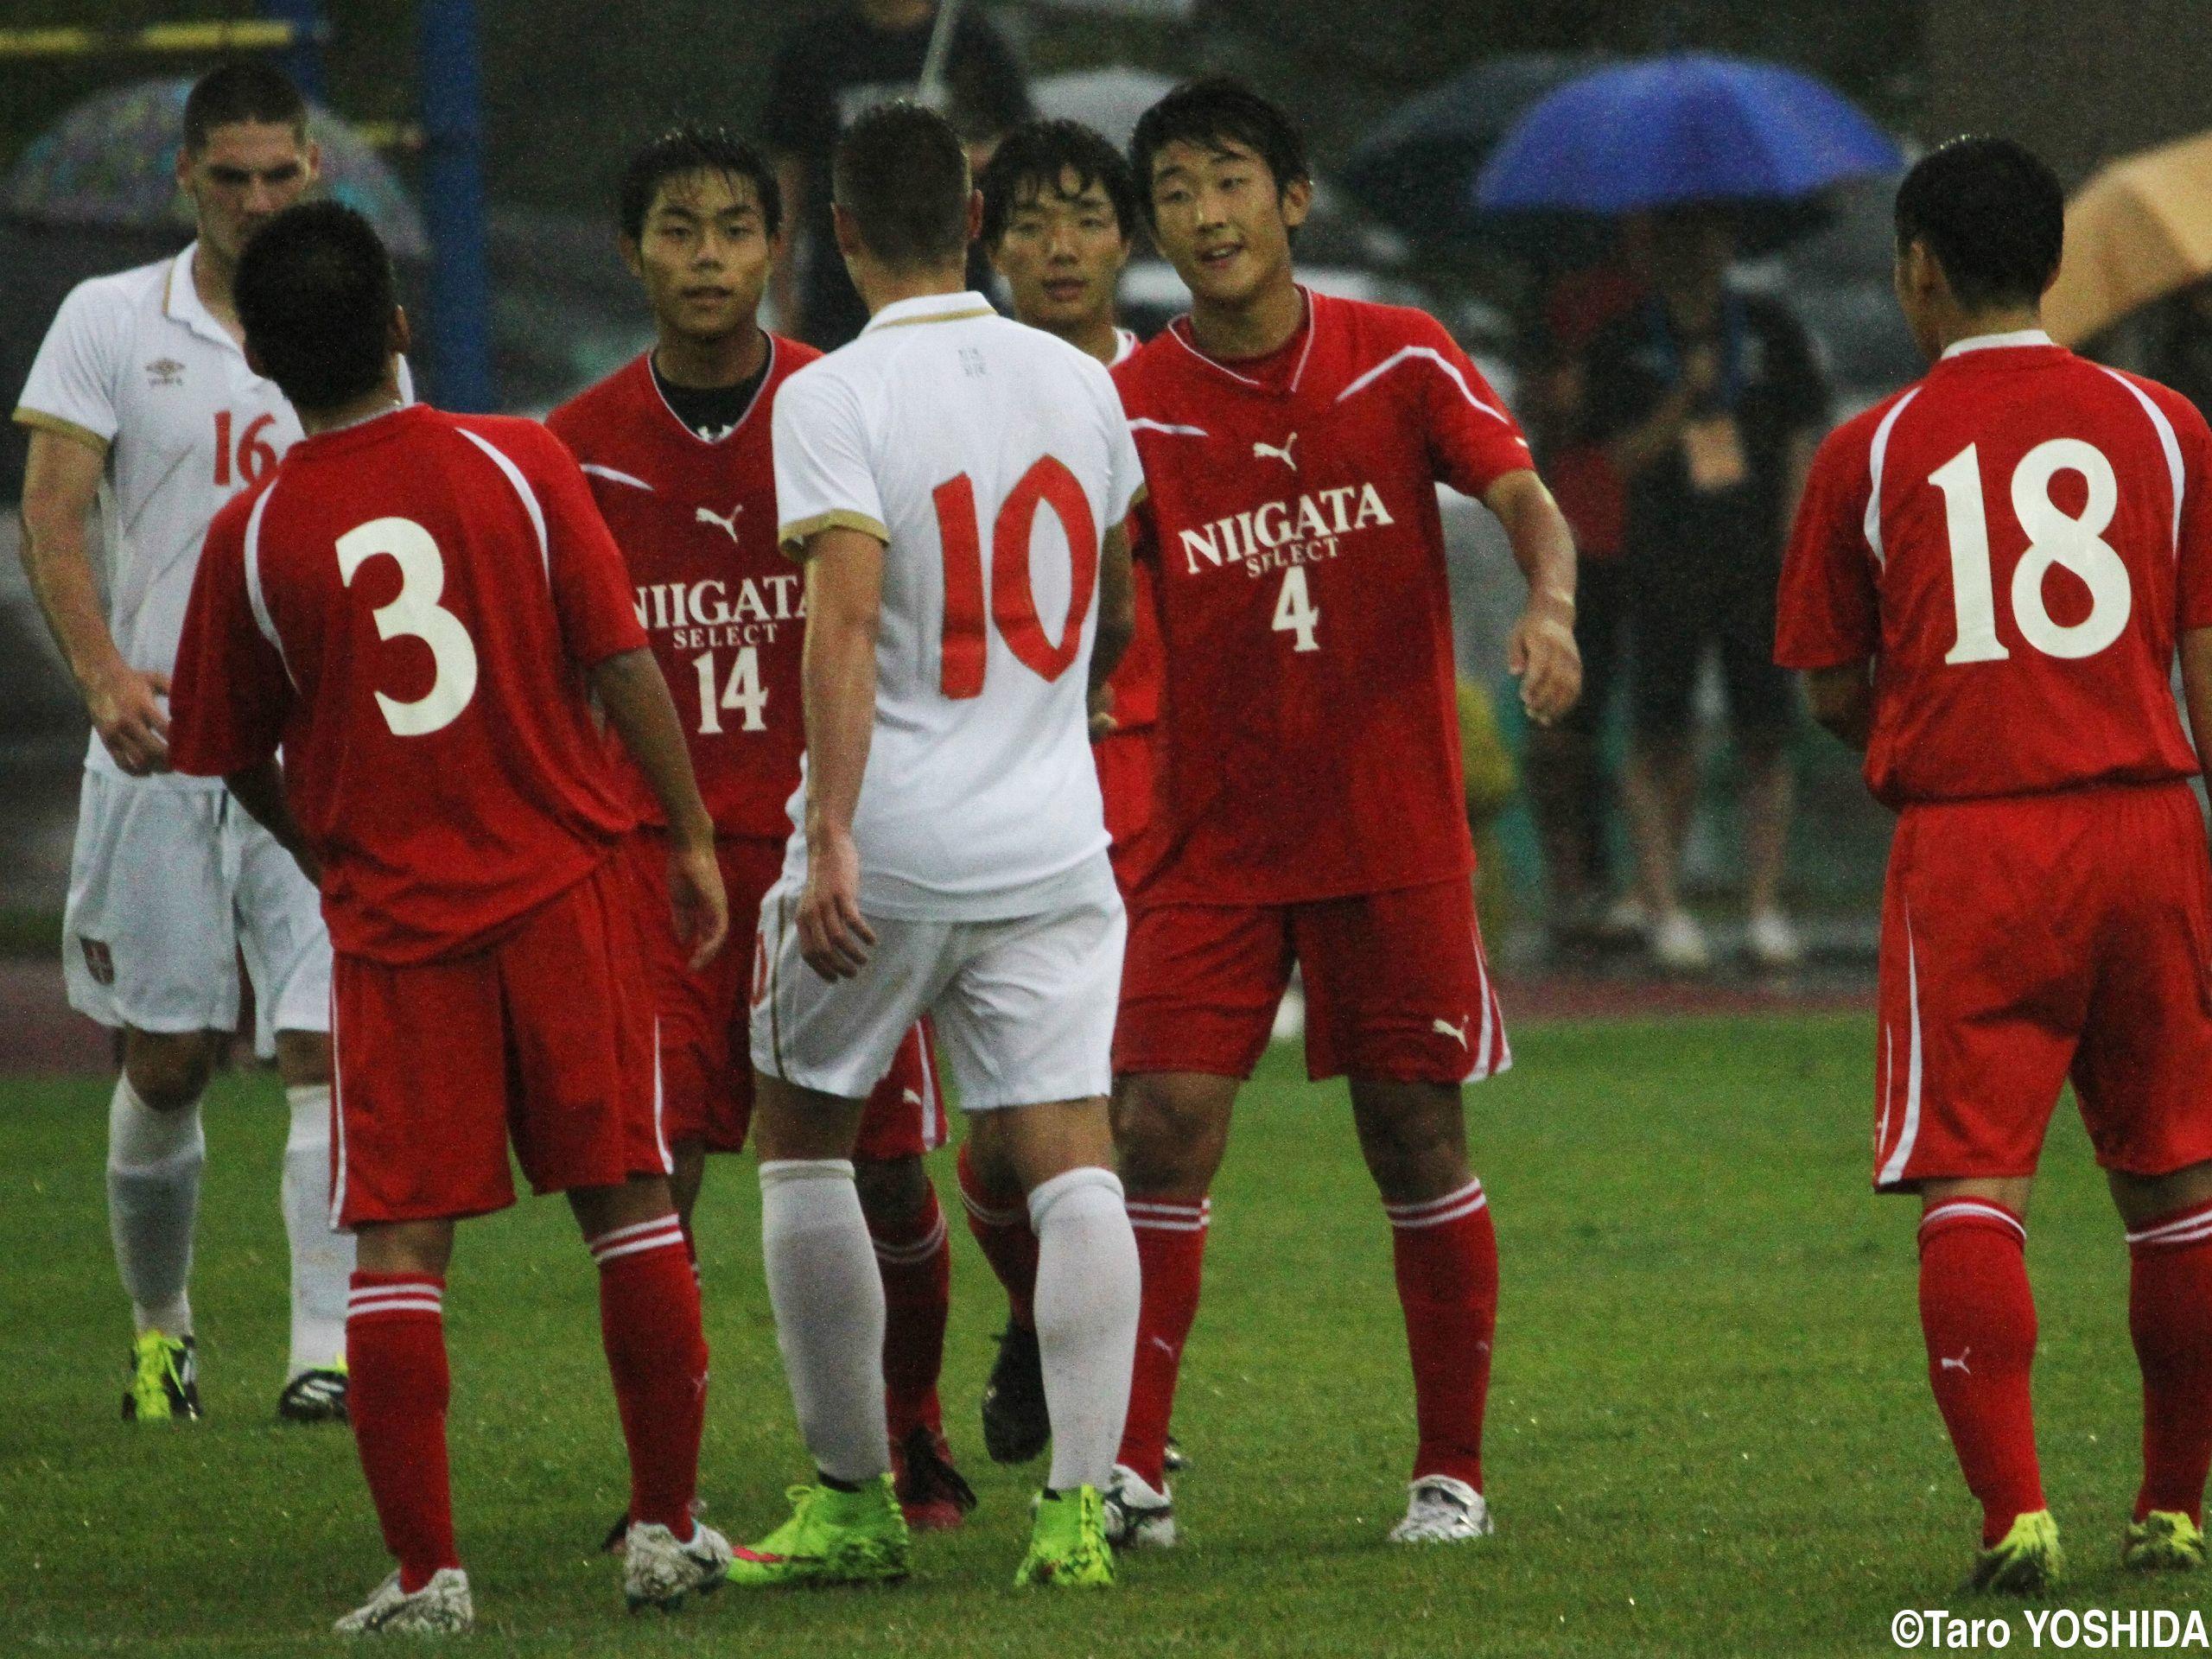 [国際ユースサッカーin新潟]U-17新潟選抜がセルビアに逆転勝ち!4連勝中のU-17日本代表との「真剣勝負」へ